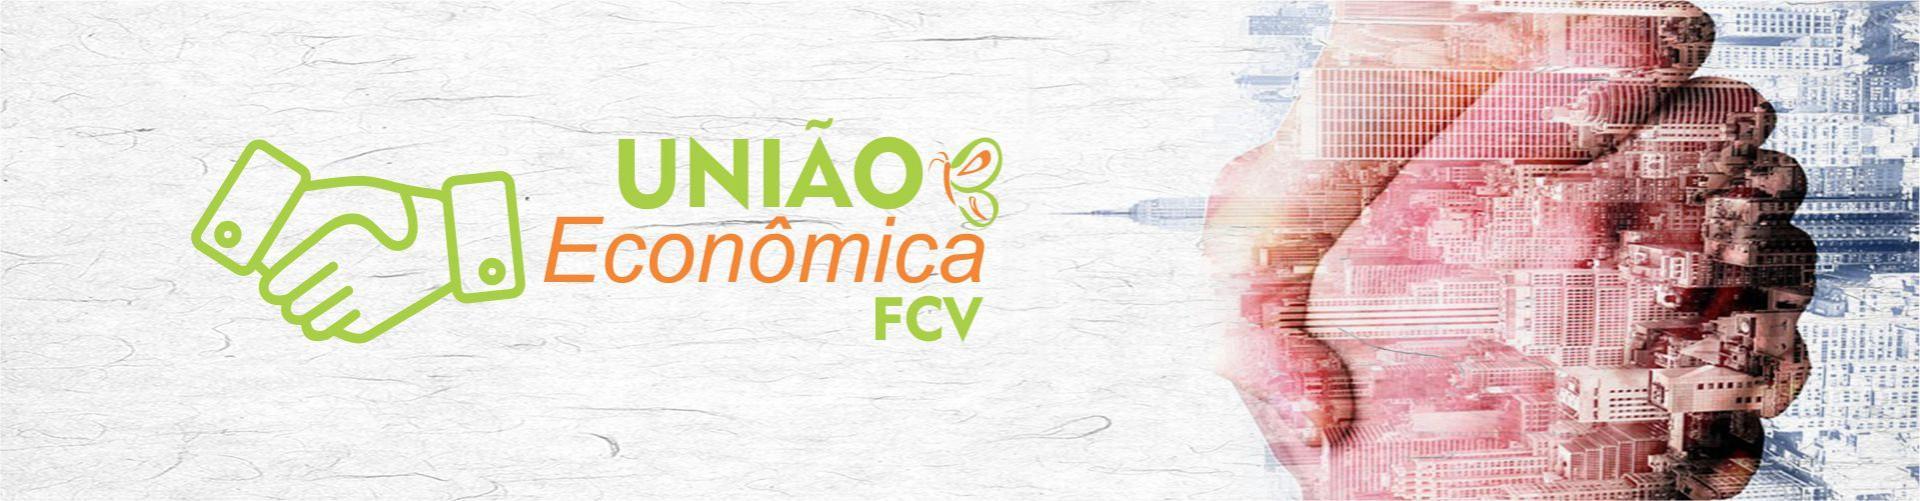 União Econômica FCV